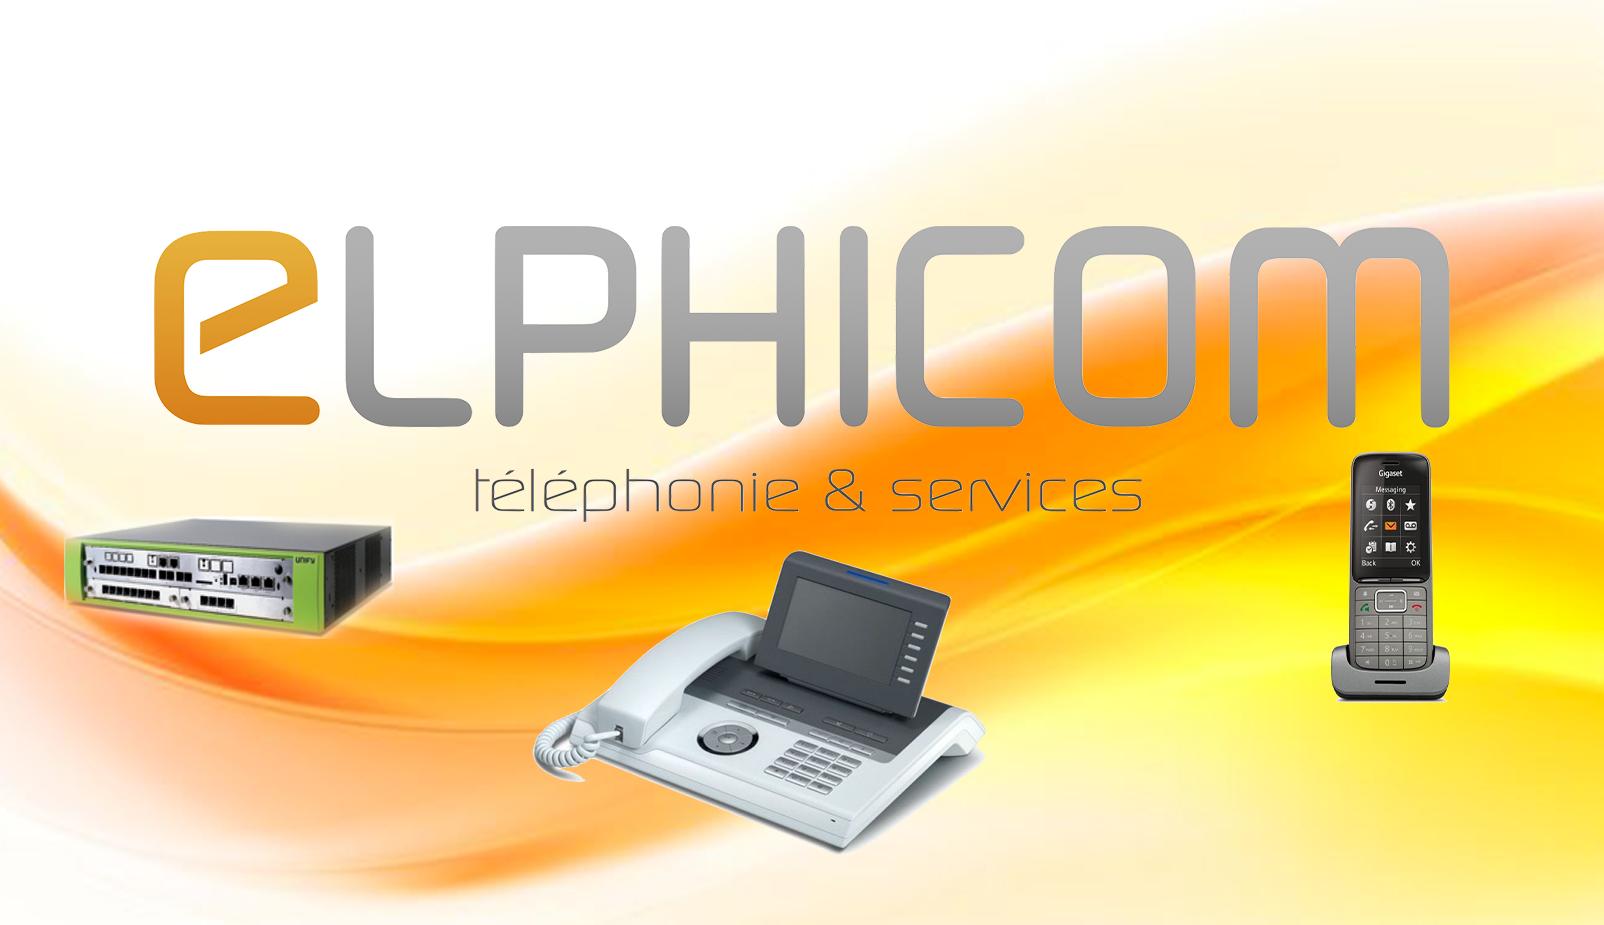 elphicom-expert-telecom